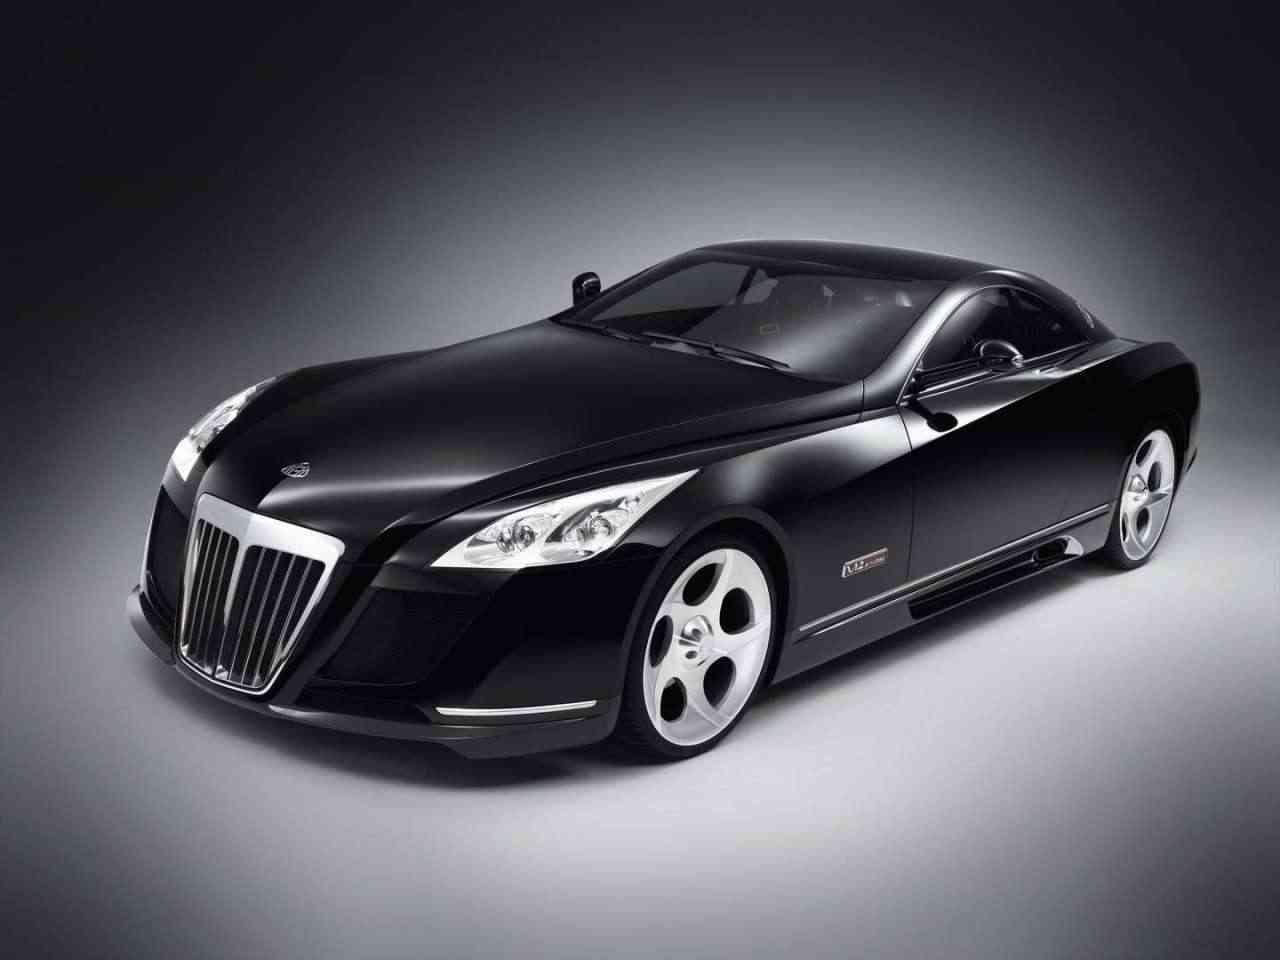 Maybach Exelero: Das teuerste Auto der Welt